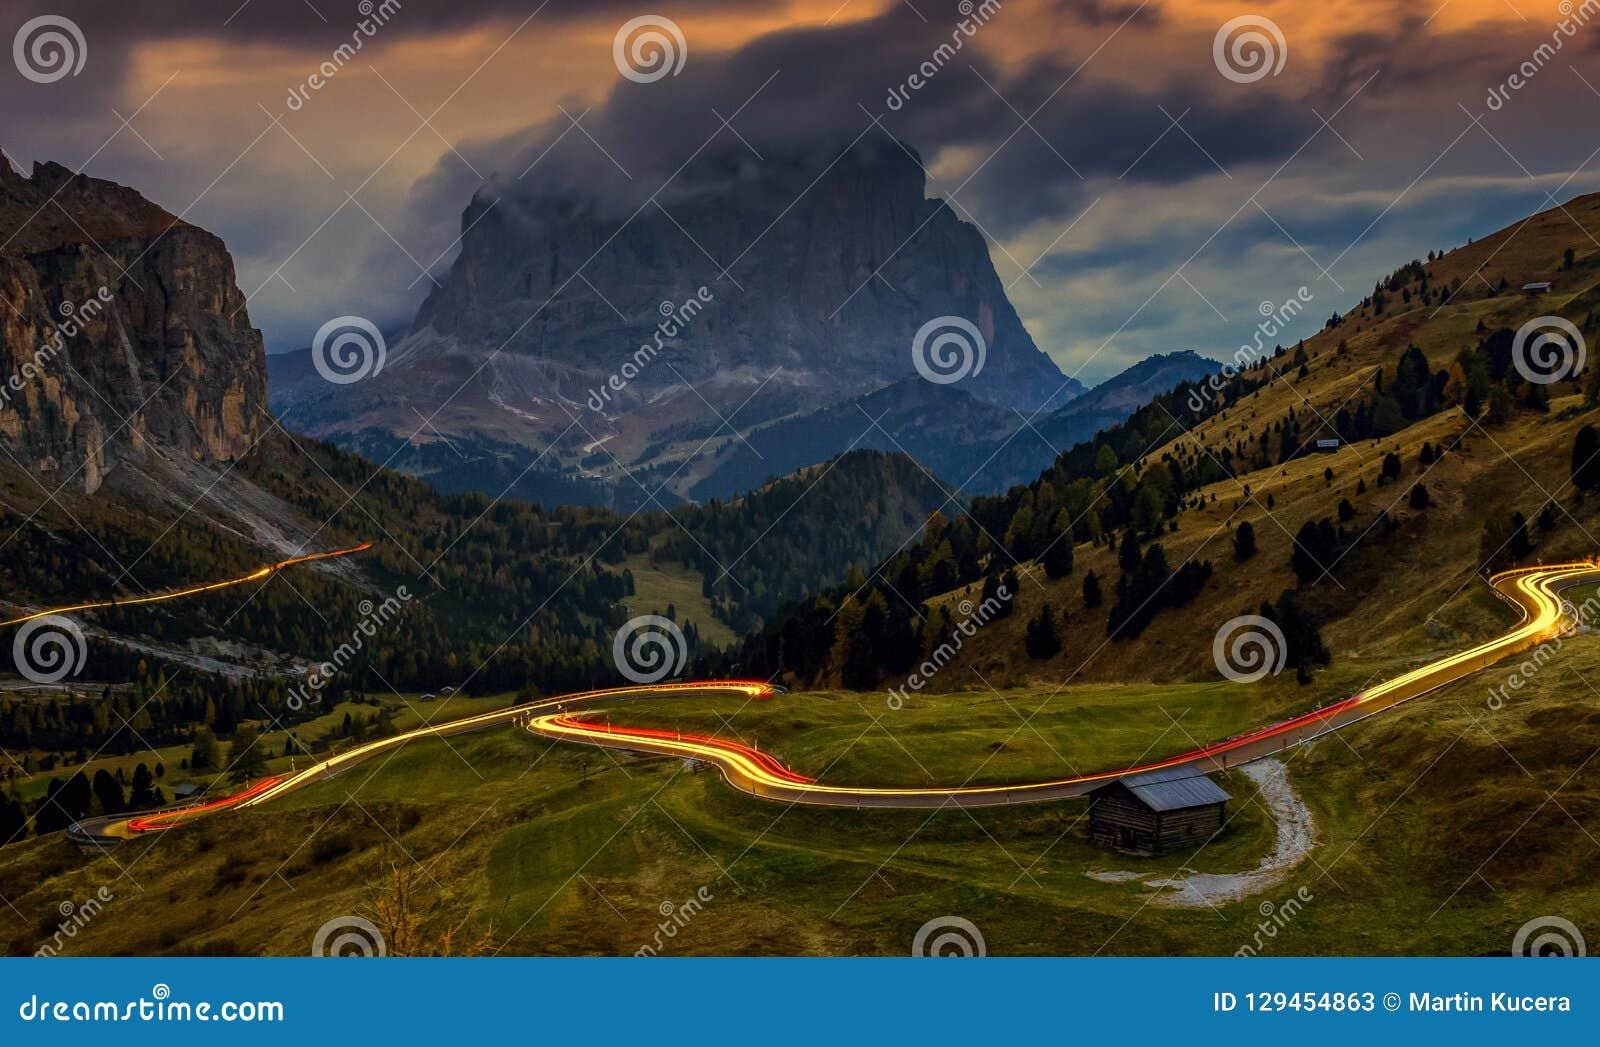 Landschap in Passo Gardena - blauw uur na zonsondergang, lange blootstelling, Dolomiet, Italië